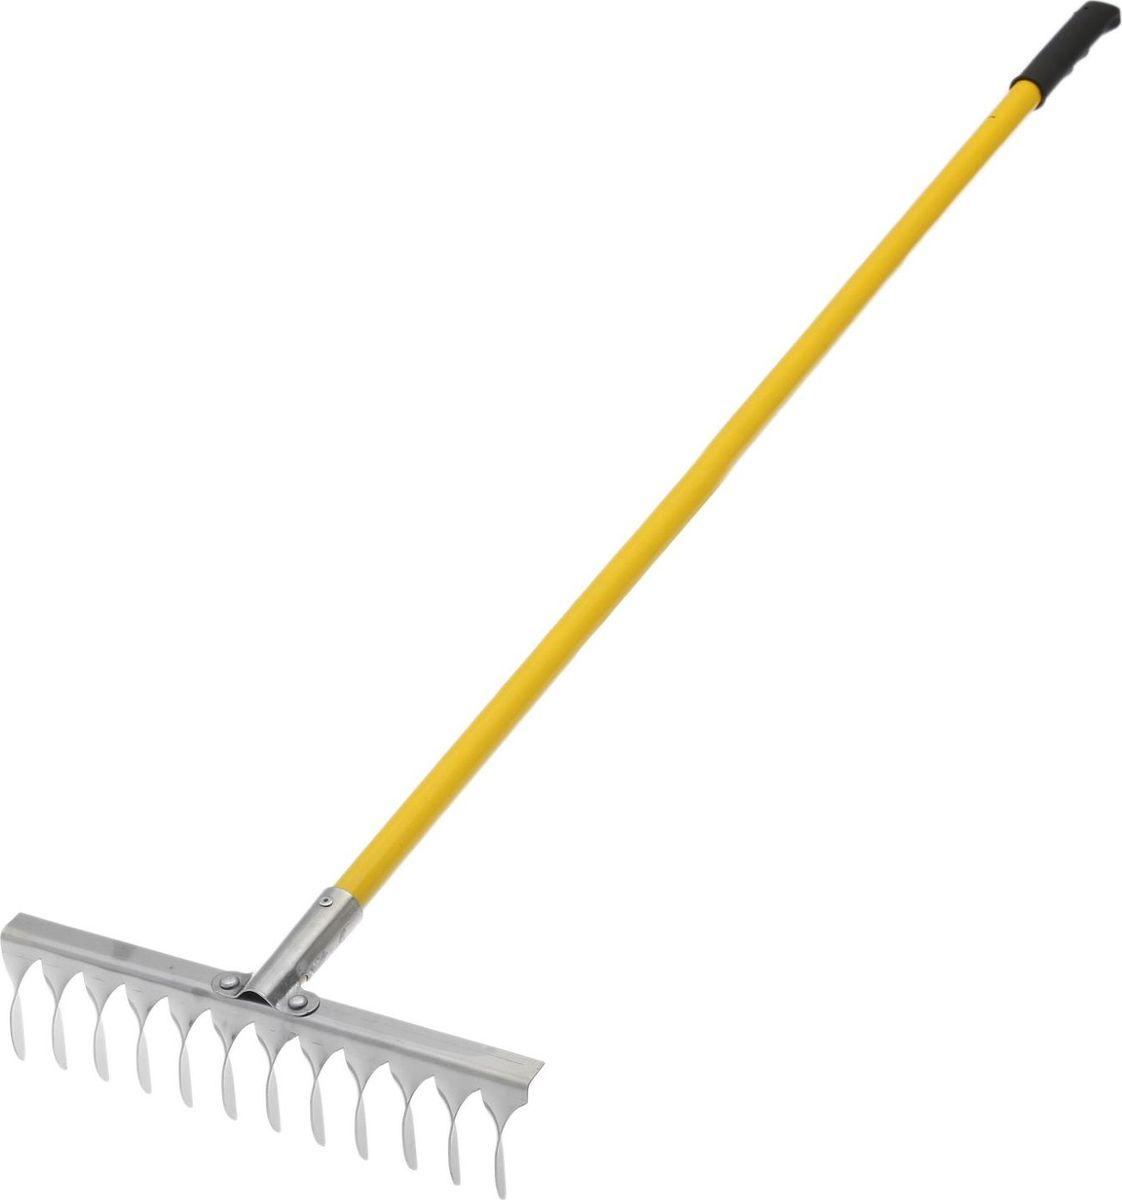 Грабли, с черенком, с витым зубом, длина 134 см531-401Грабли подходят для наведения порядка на участке, вычёсывания травы, сбора опавших листьев. Металлические зубцы из нержавеющей стали разровняют даже тяжёлую влажную почву, разобьют большие комки земли.По окончании использования очистите рабочую часть инструмента от остатков грунта. Храните в закрытом помещении.В комплект входит прочный яркий металлический черенок.